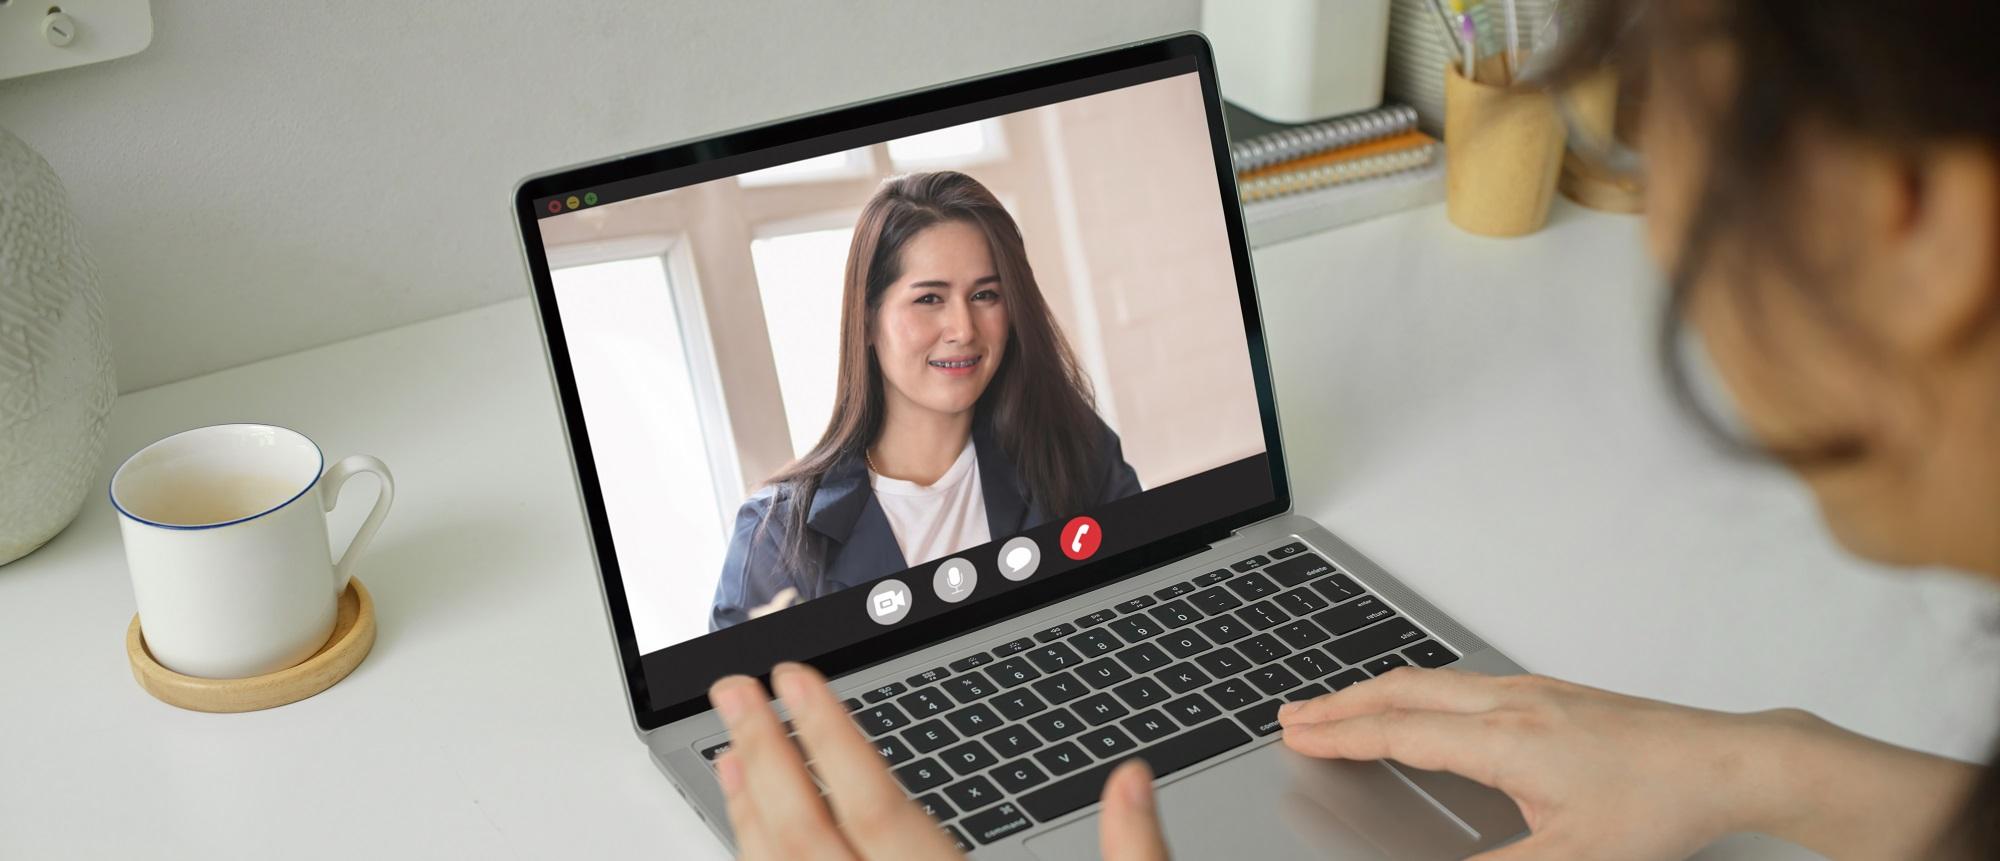 Dicas para transformar contatos em clientes